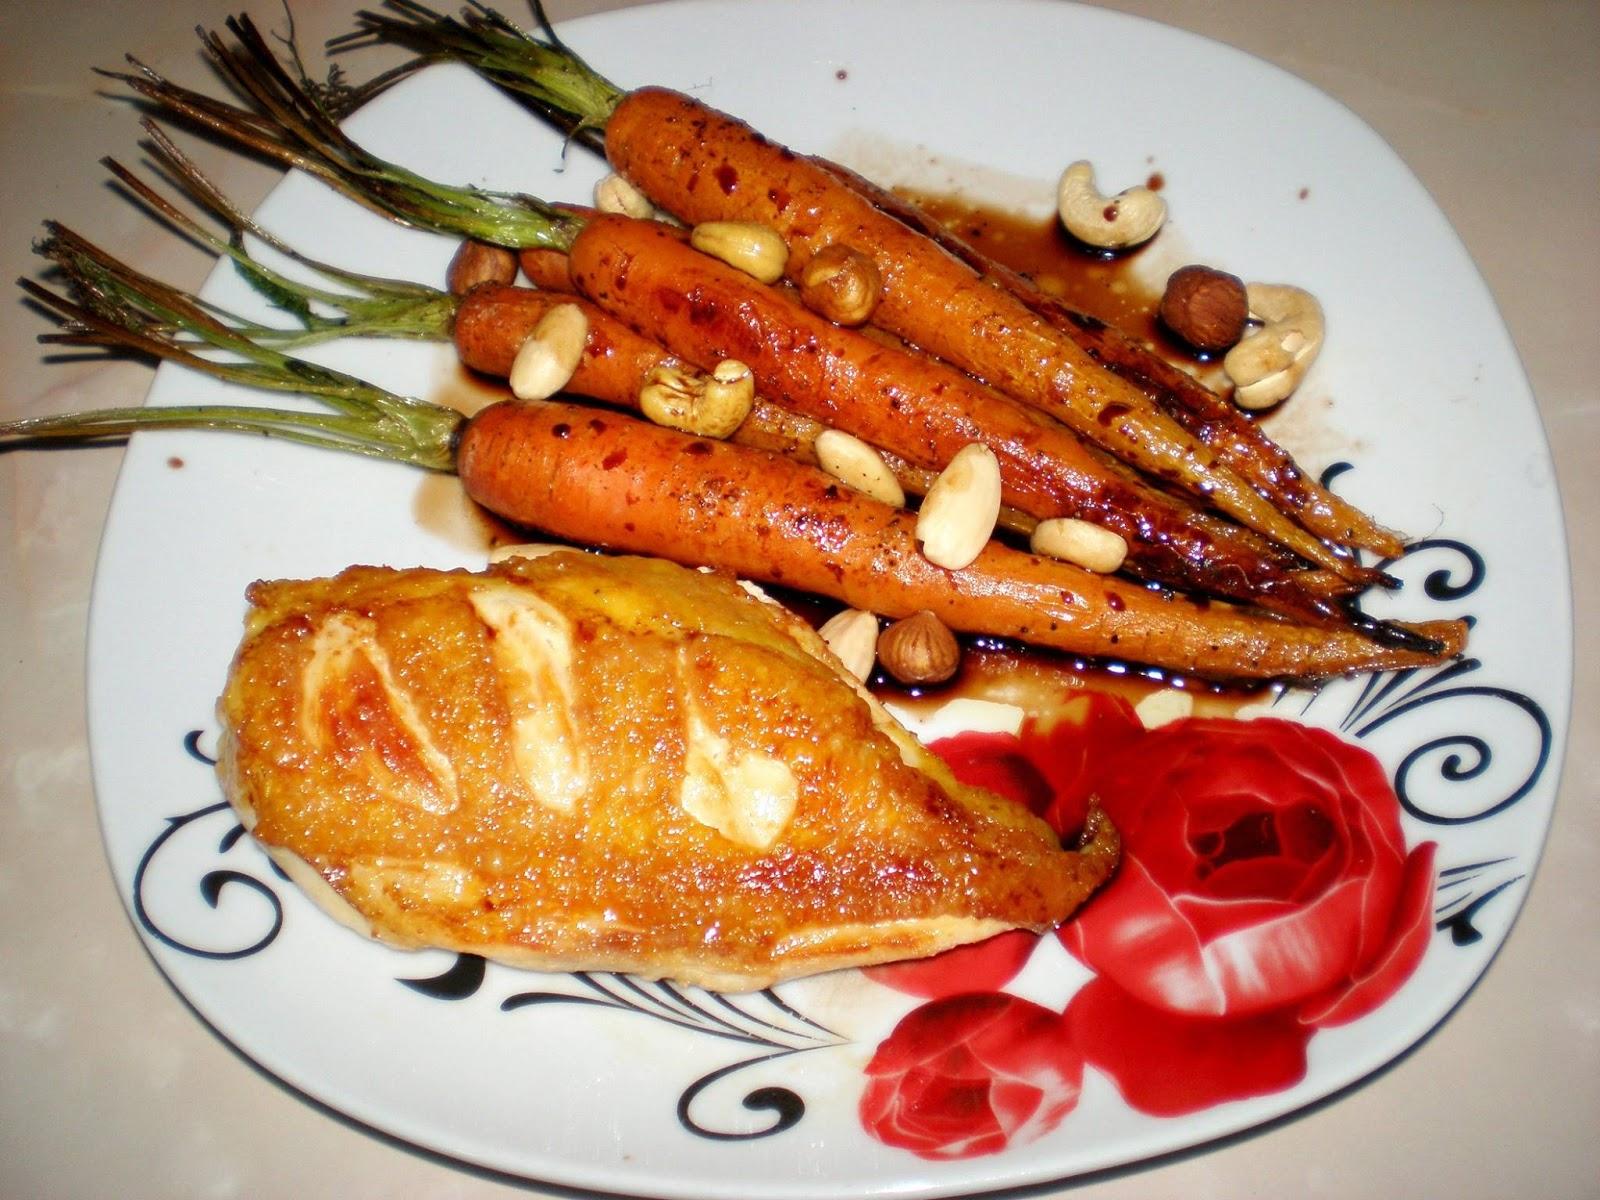 Piept de pui cu morcovi la cuptor